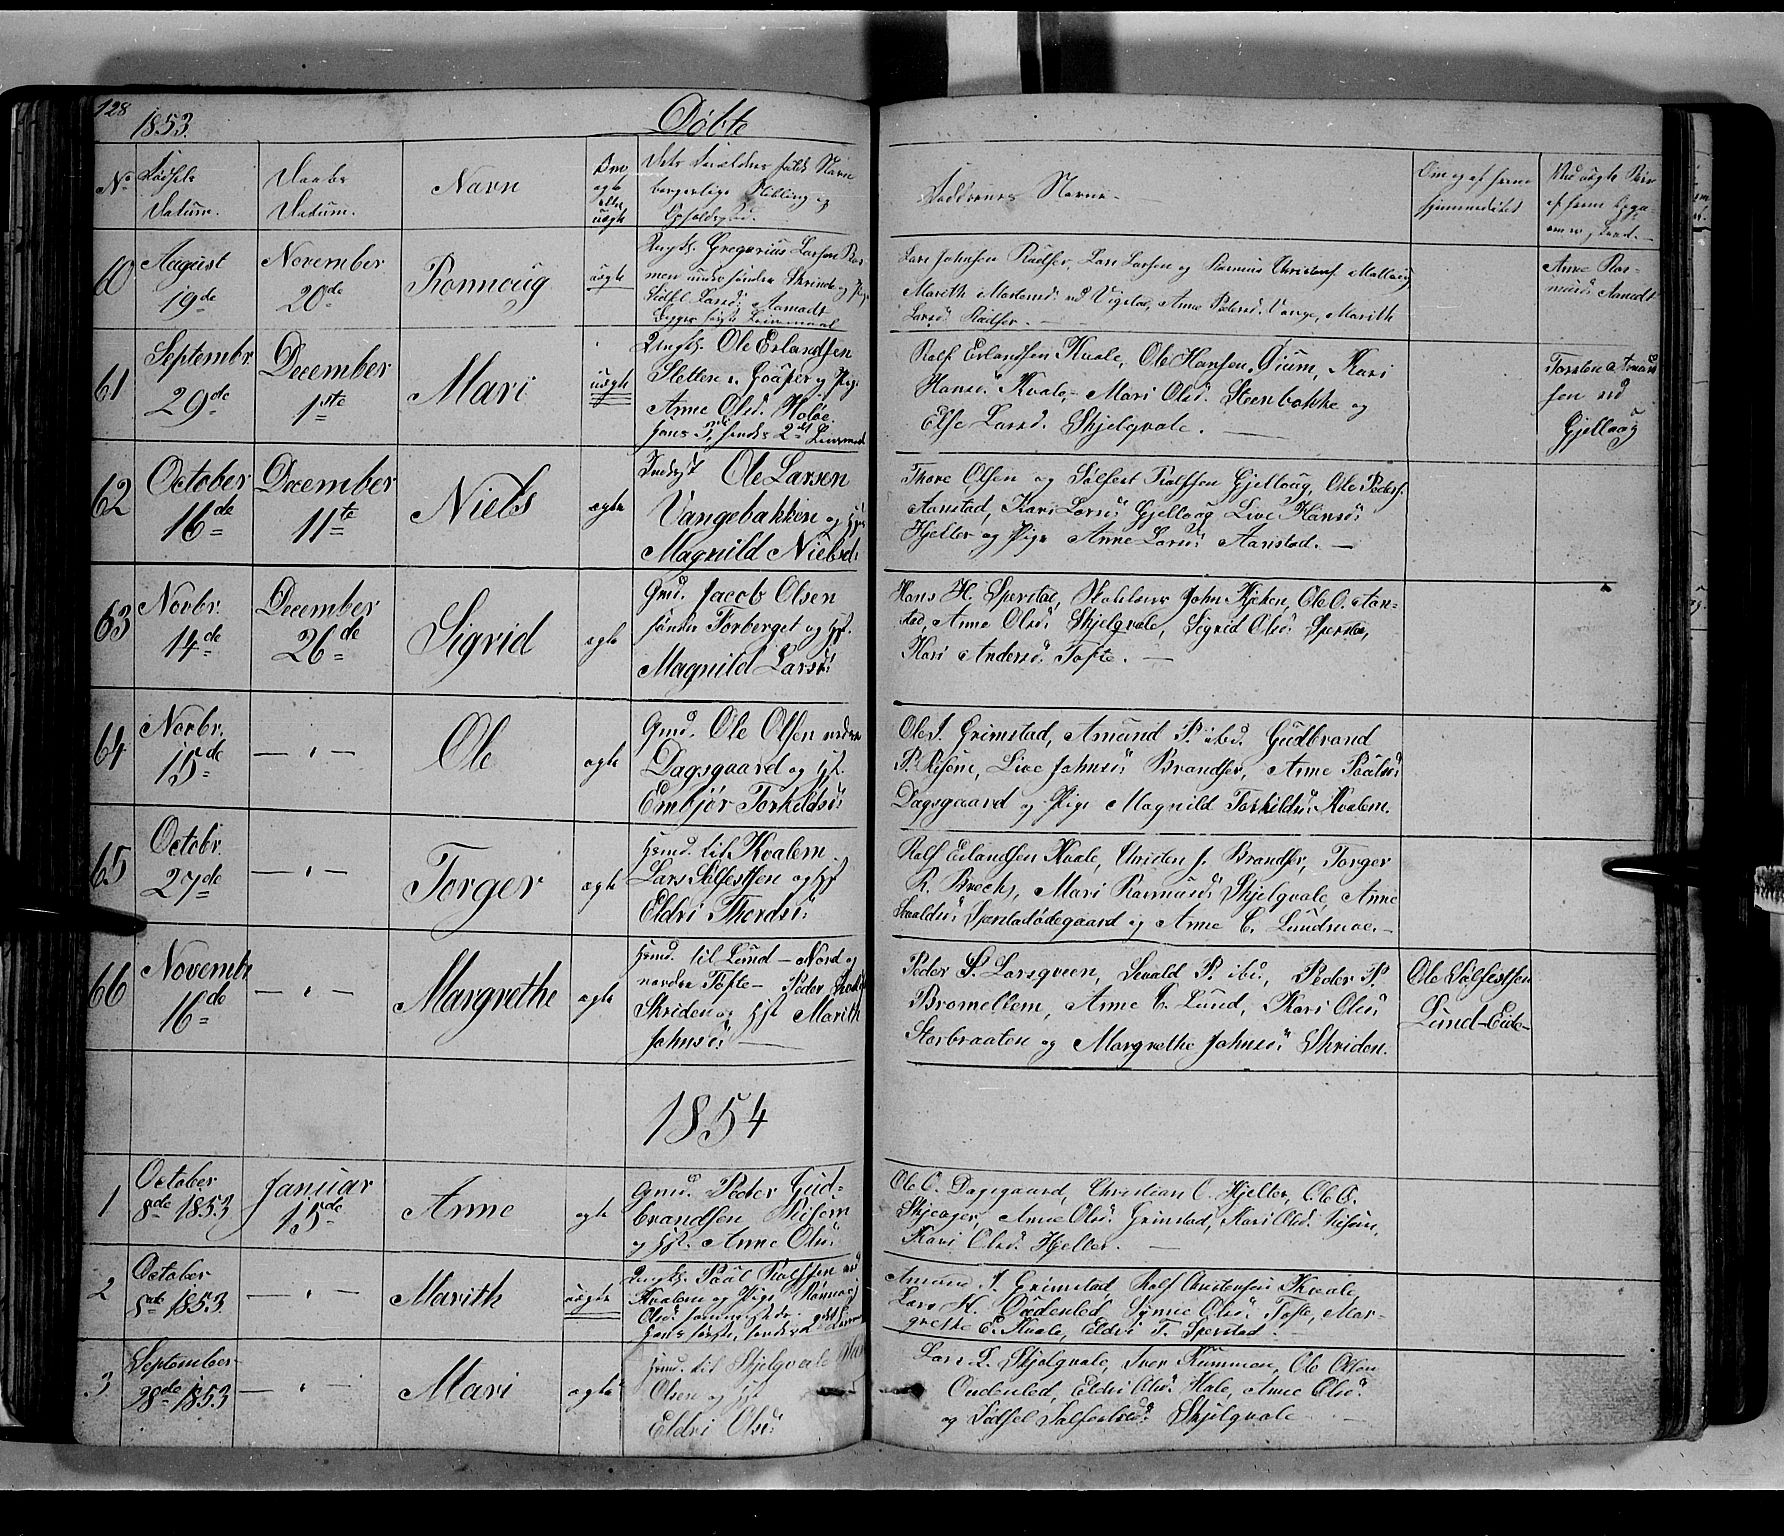 SAH, Lom prestekontor, L/L0004: Klokkerbok nr. 4, 1845-1864, s. 128-129